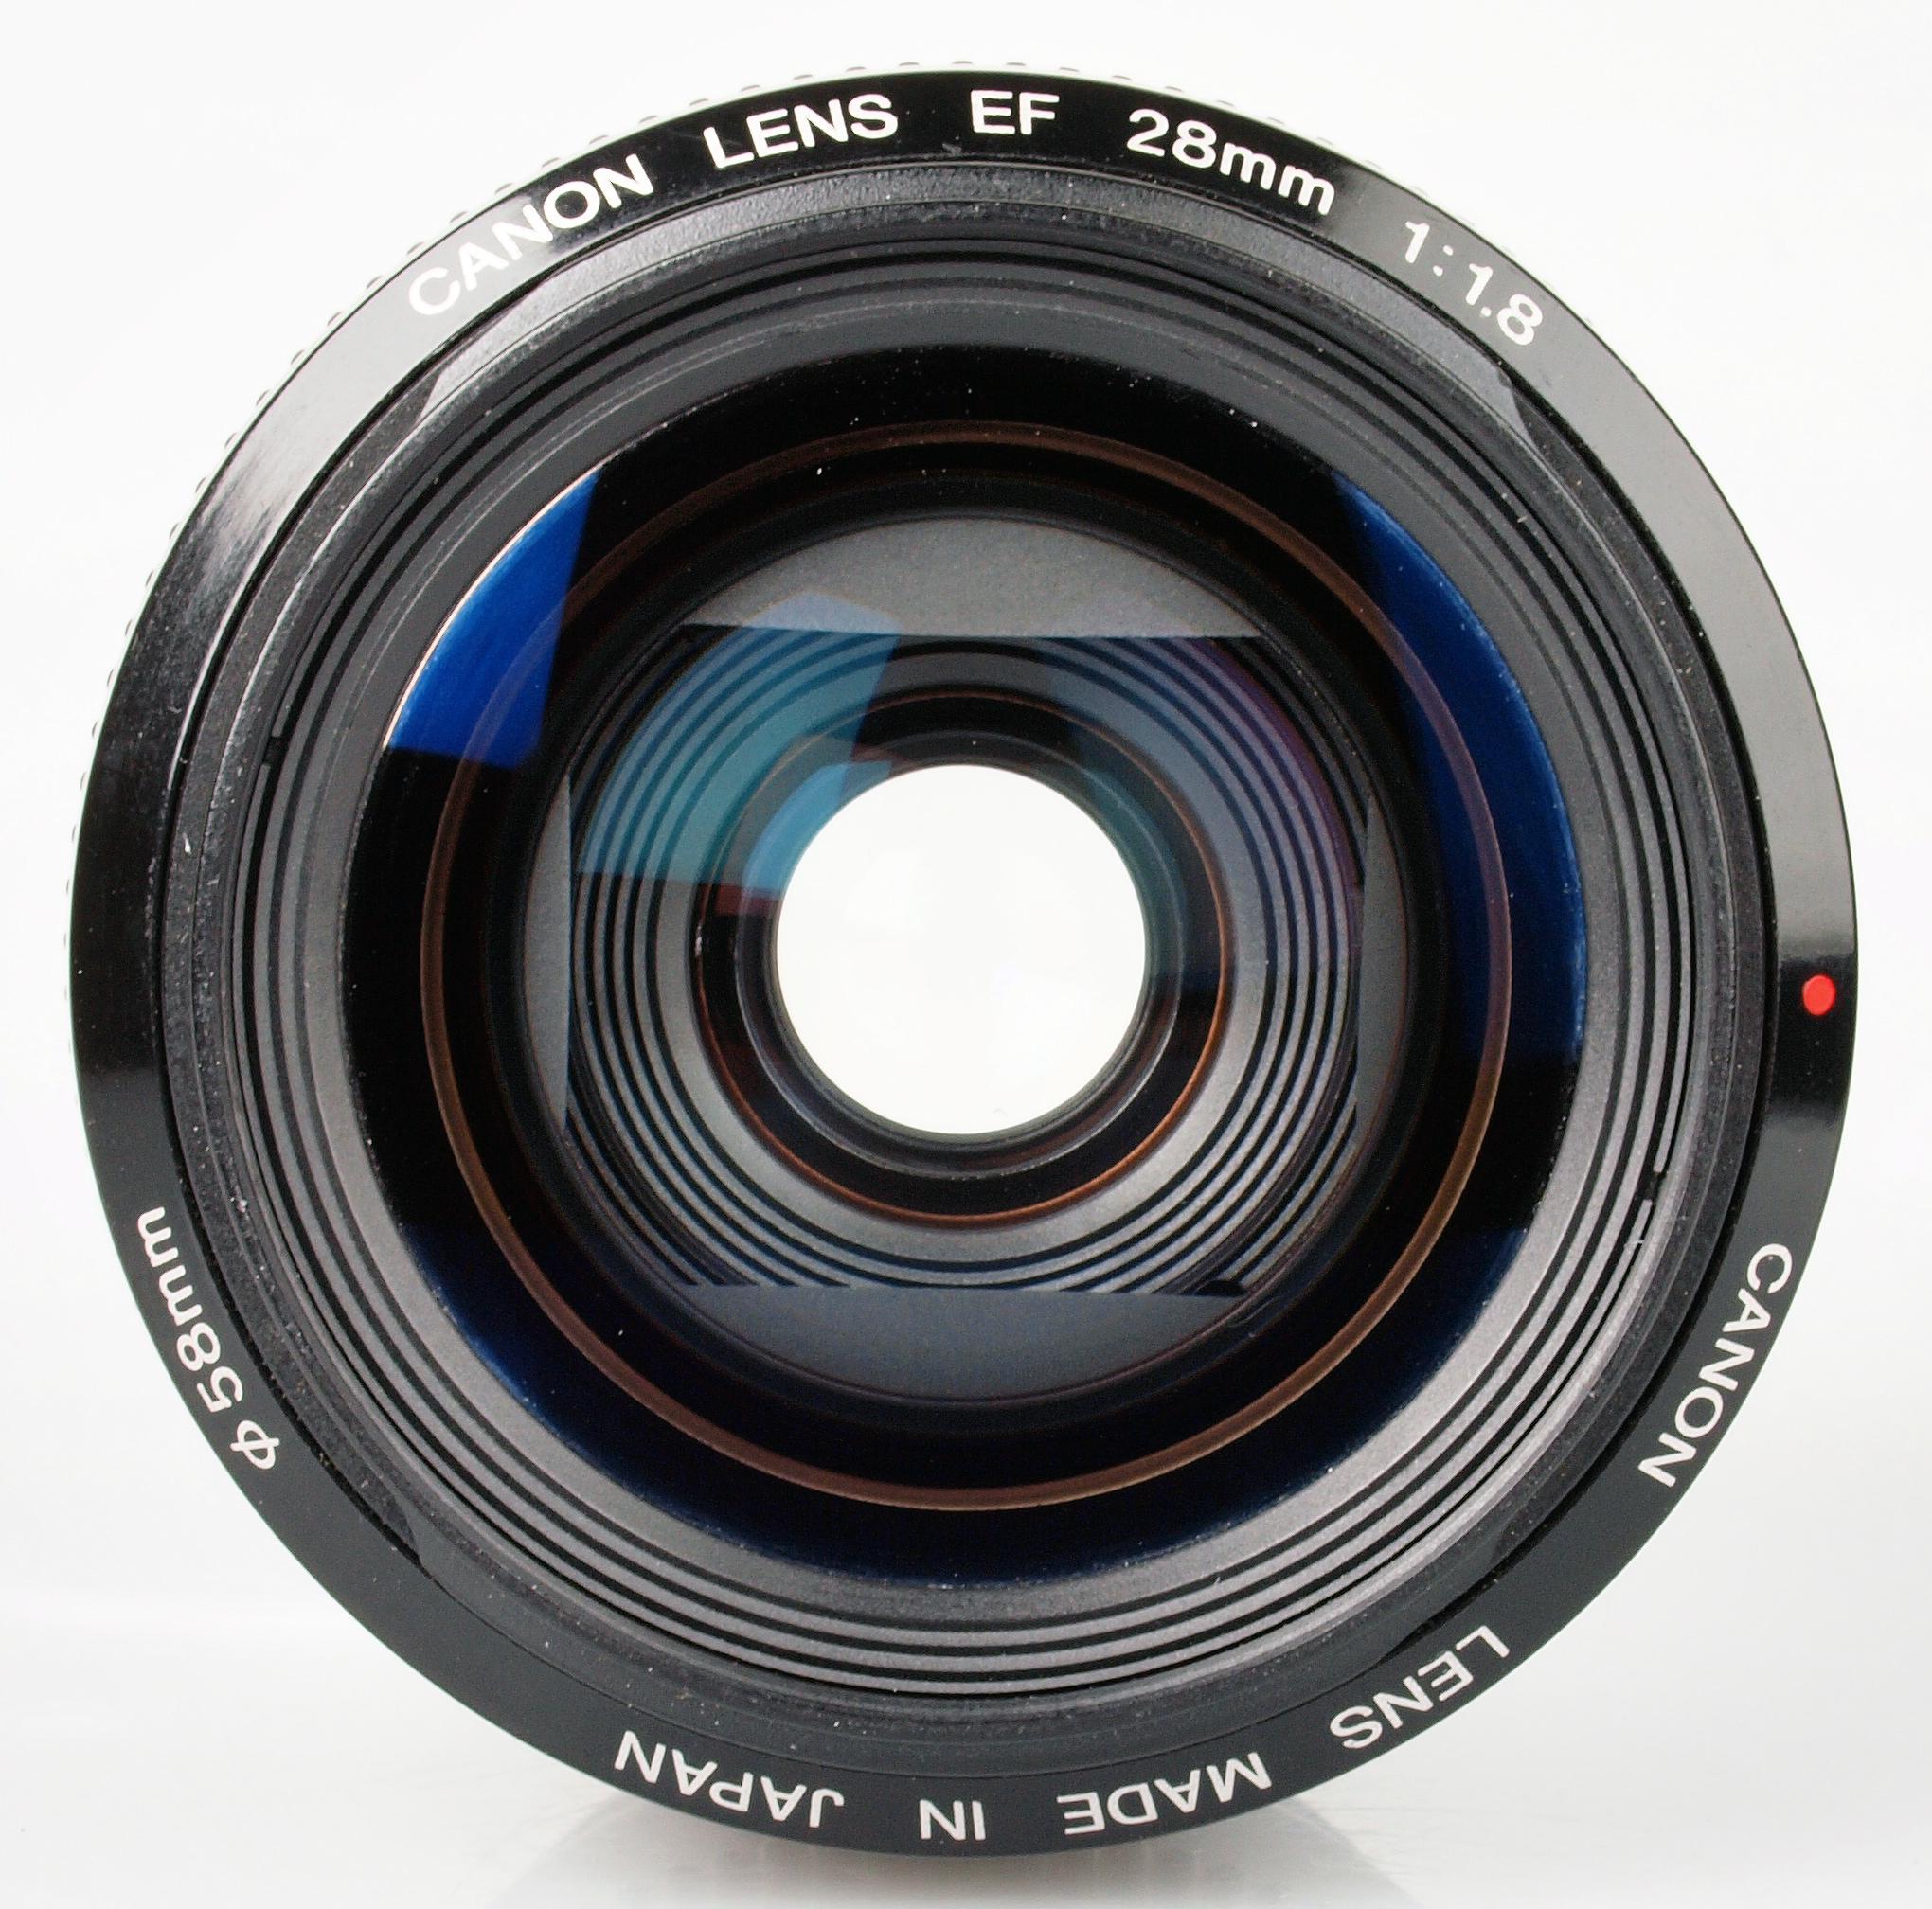 canon ef 28mm f 1 8 usm lens review. Black Bedroom Furniture Sets. Home Design Ideas